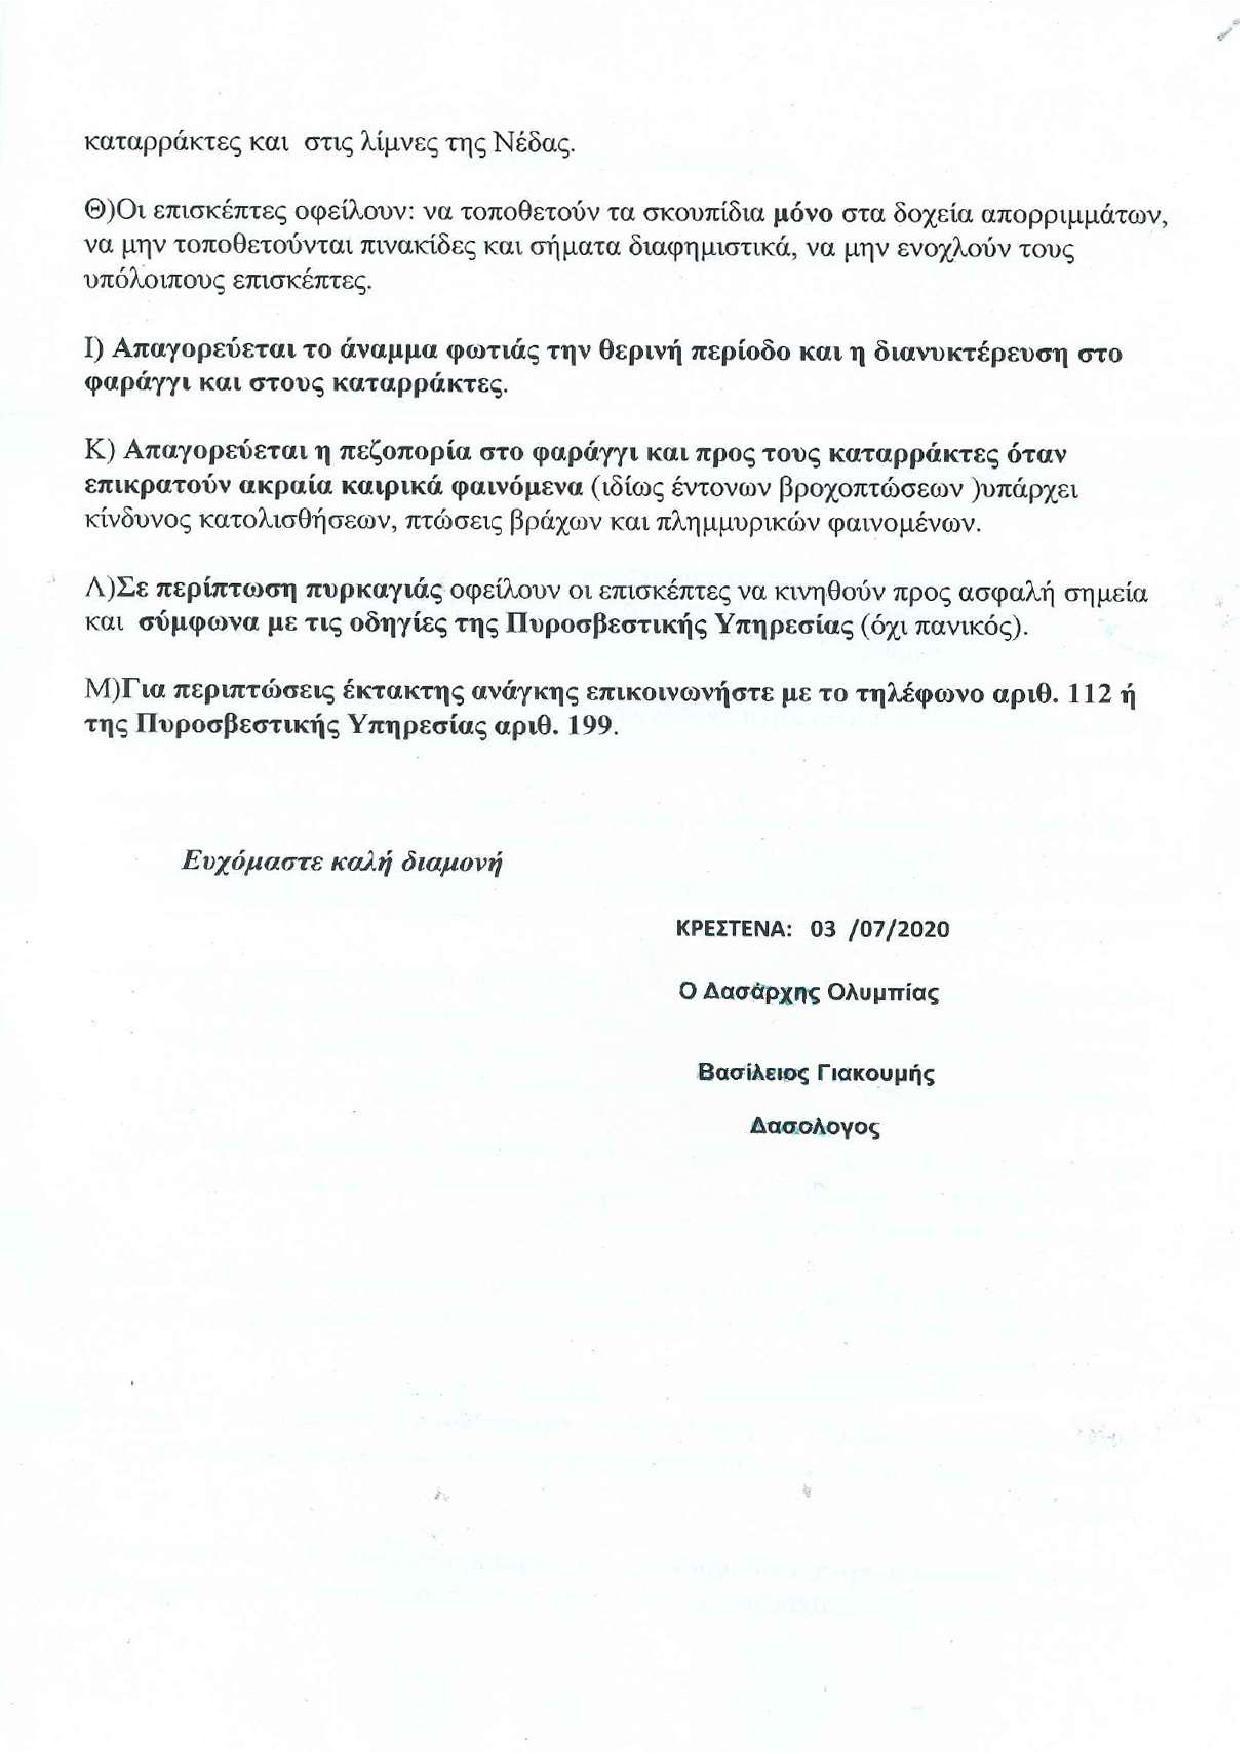 Οδηγίες προστασίας για το φαράγγι της Νέδας